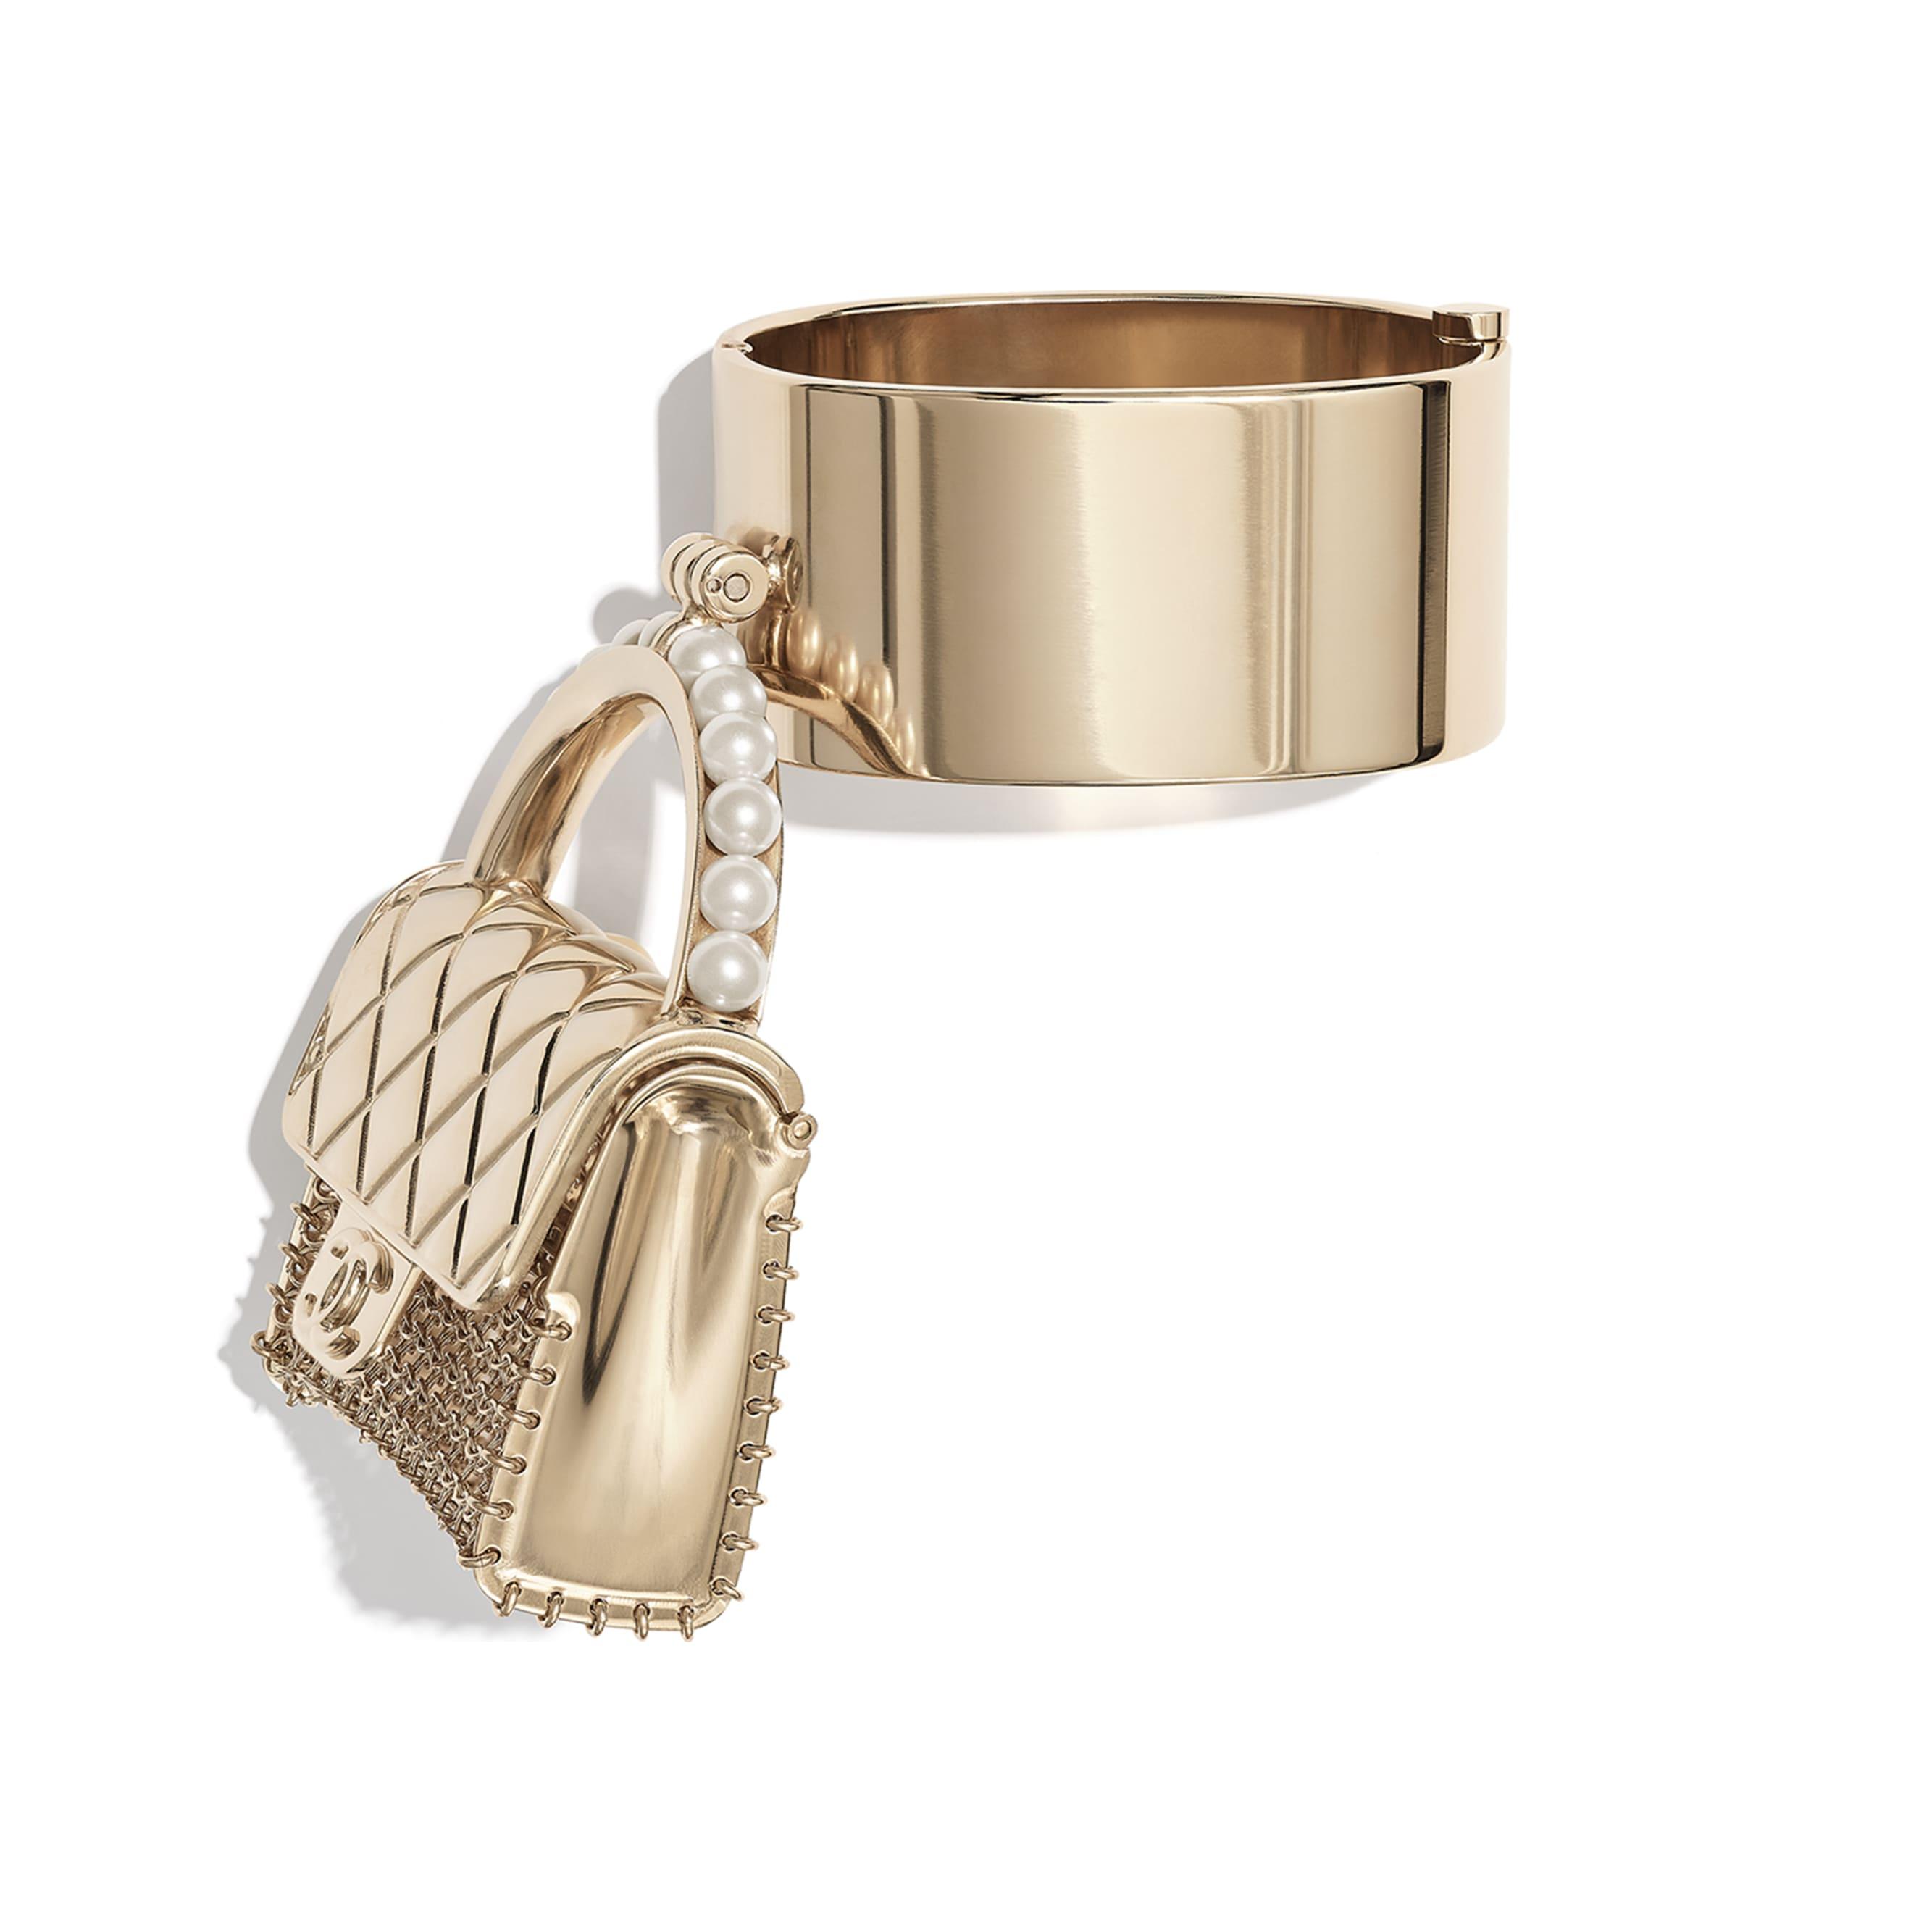 Браслет-манжета - Золотистый и жемчужно-белый - Металл и фантазийный жемчуг - CHANEL - Вид по умолчанию - посмотреть изображение стандартного размера